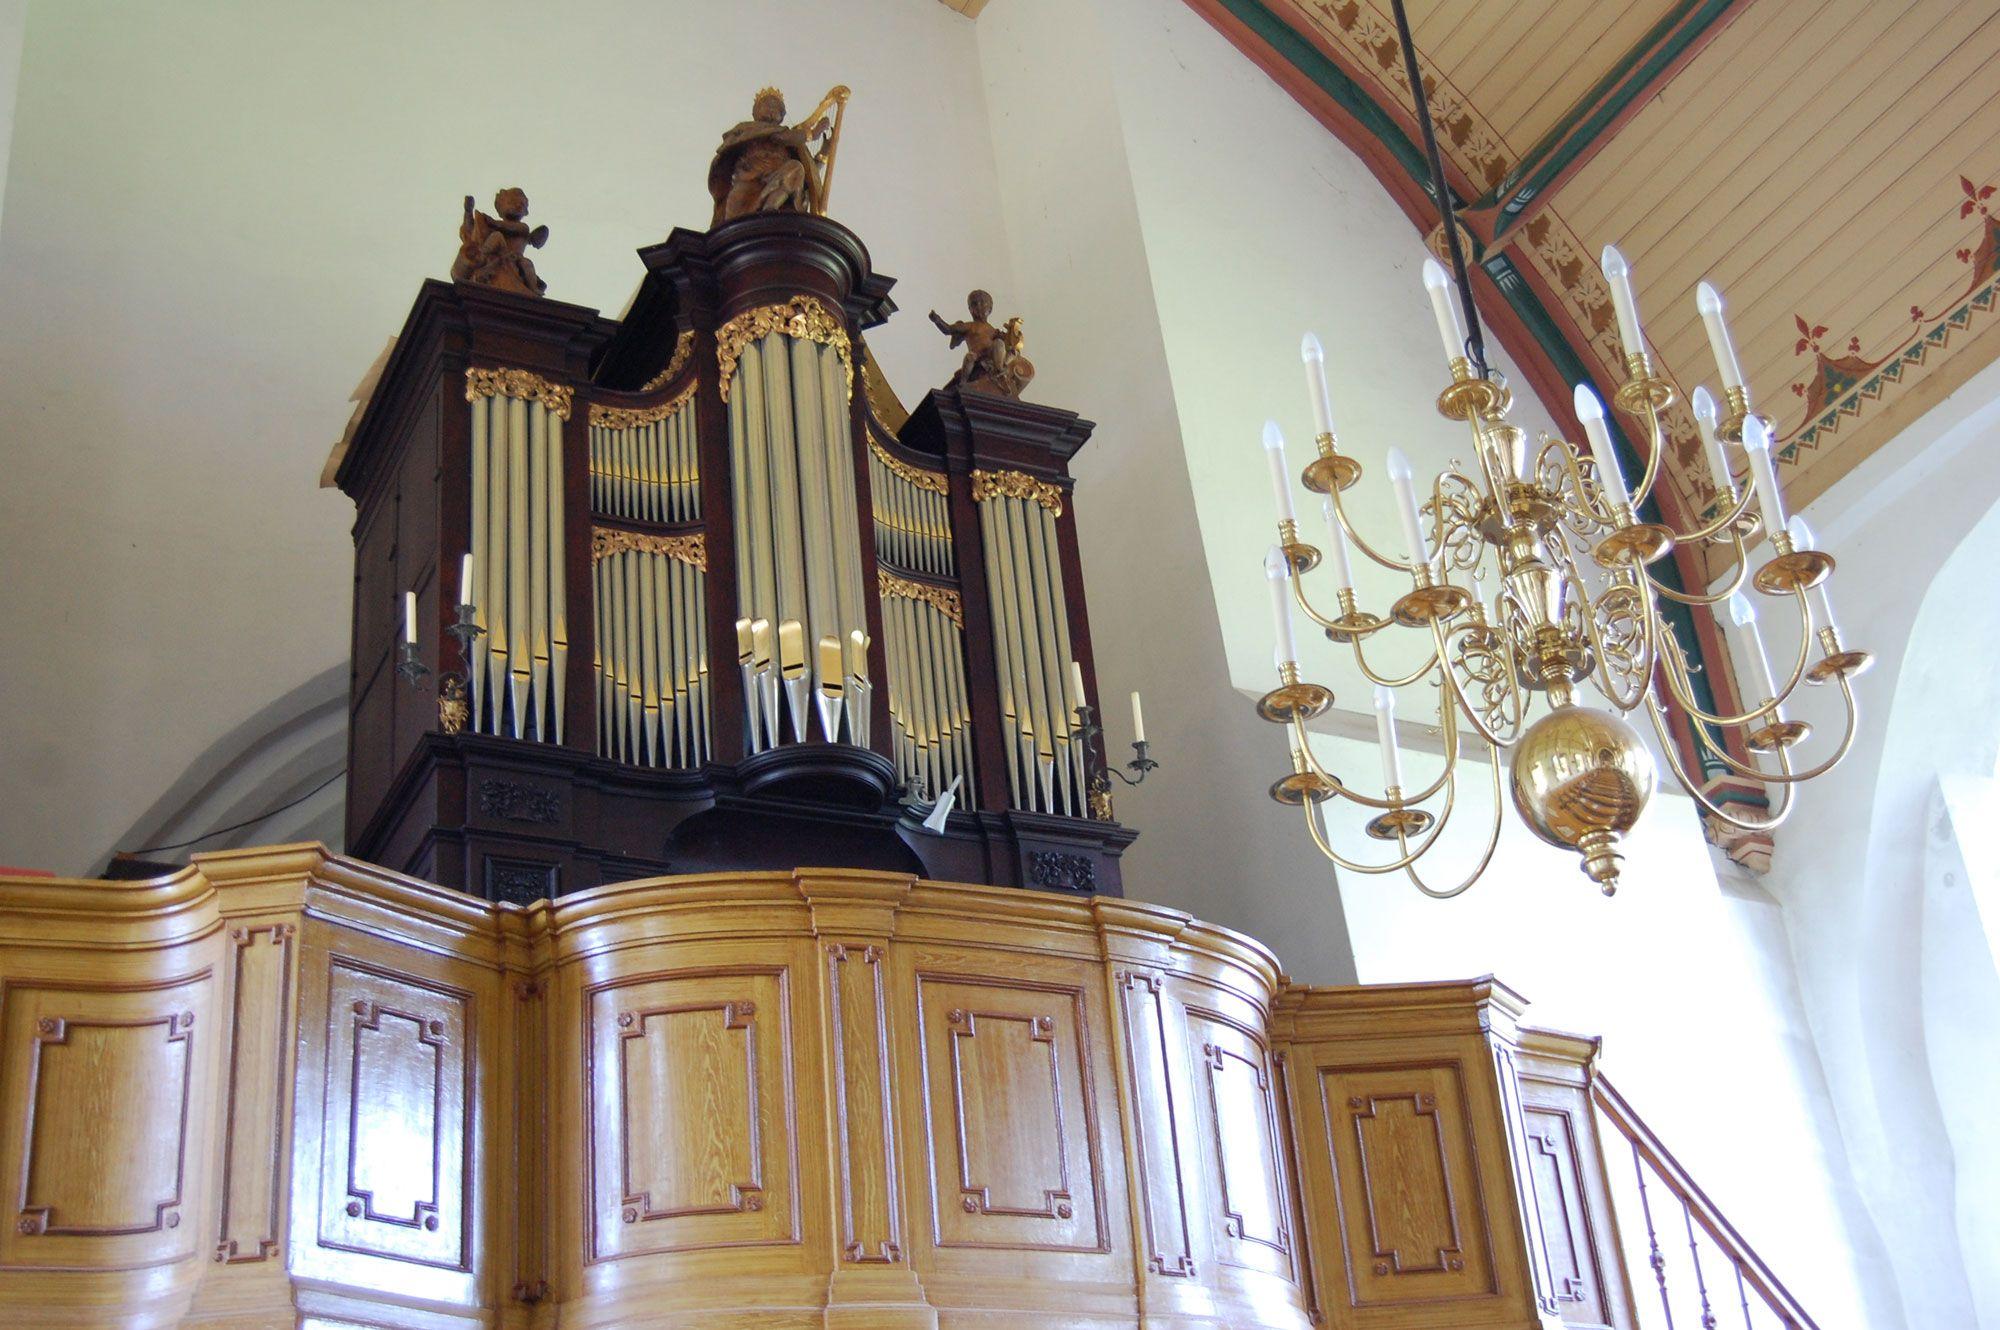 Het Moreau-orgel in de Sint-Maartenskerk van Baarland is beduidend hoger dan een kabinetorgel. (Beeldbank SCEZ)